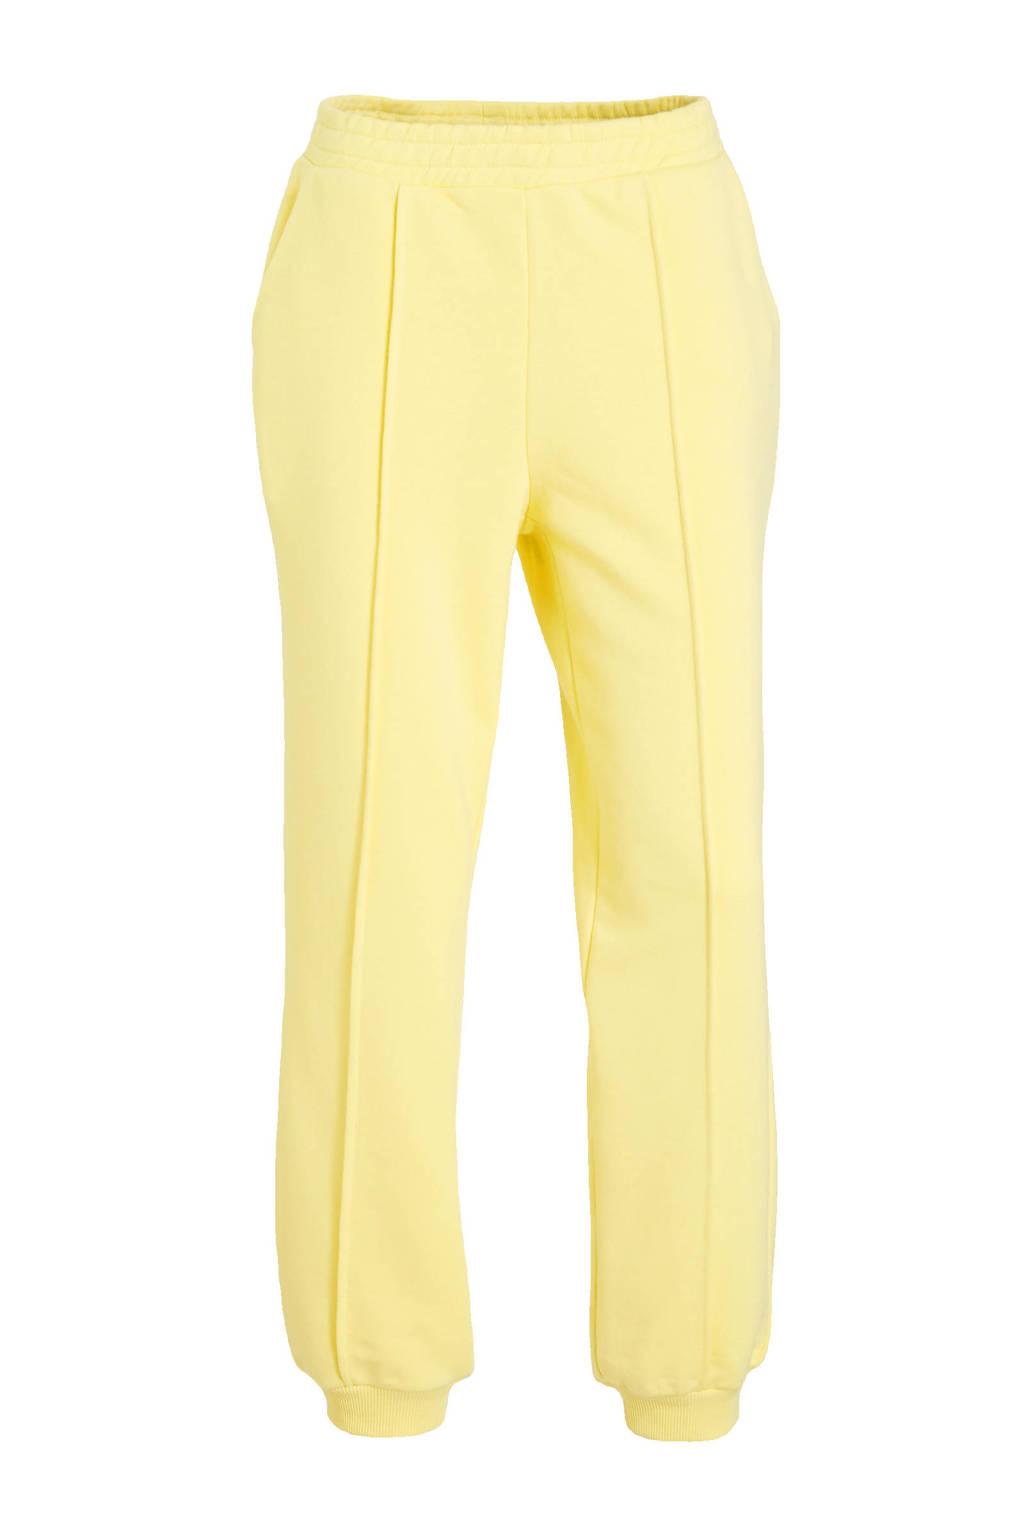 NA-KD cropped high waist wide leg broek lichtgeel, Lichtgeel